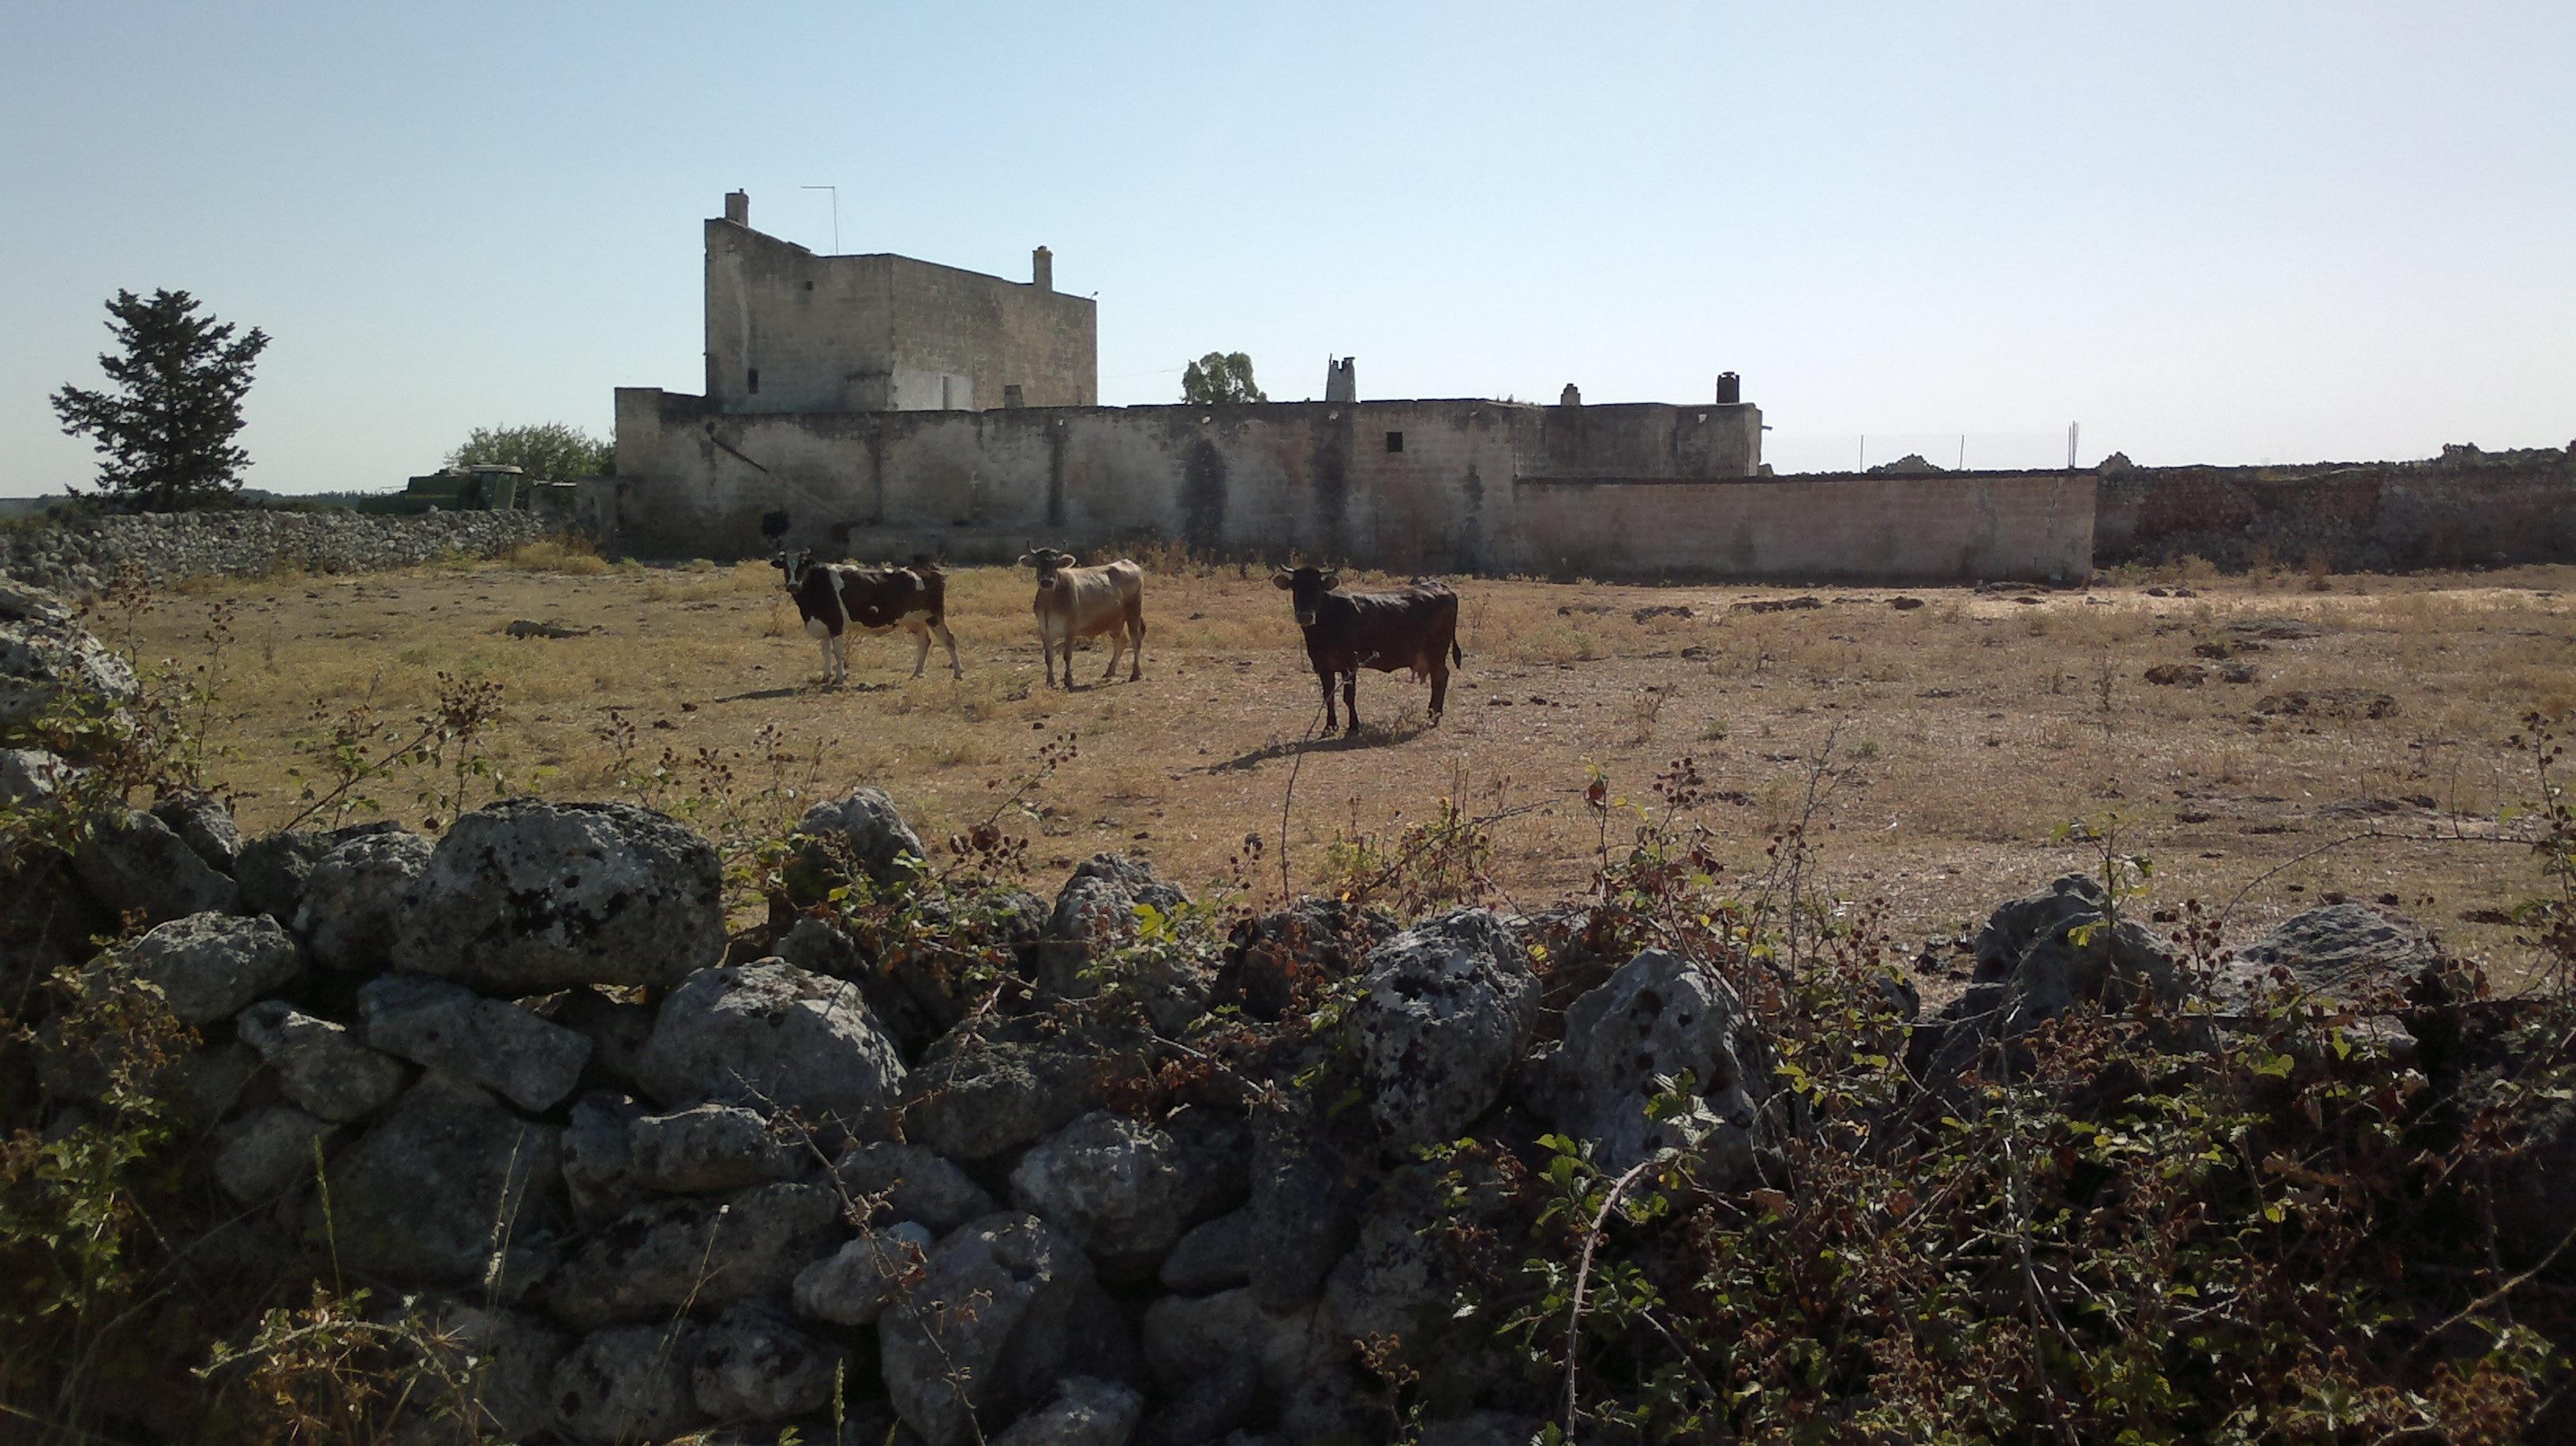 Oria, Puglia, Italy